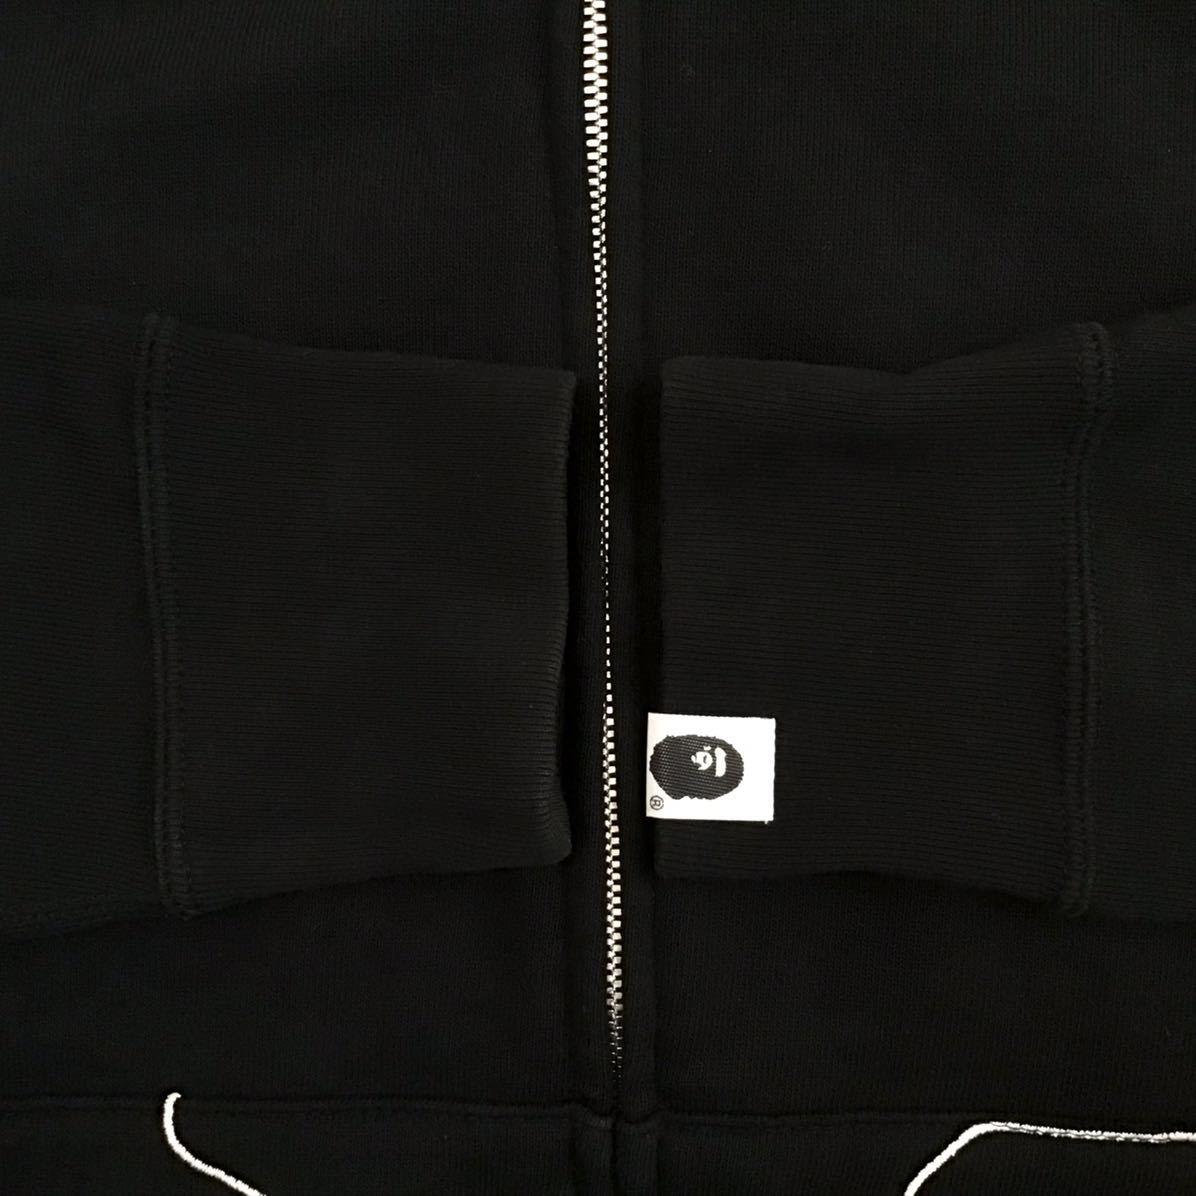 ★青山限定★ ホルスタイン パーカー Sサイズ Holstein full zip hoodie a bathing ape bape cow エイプ ベイプ アベイシングエイプ 58ja